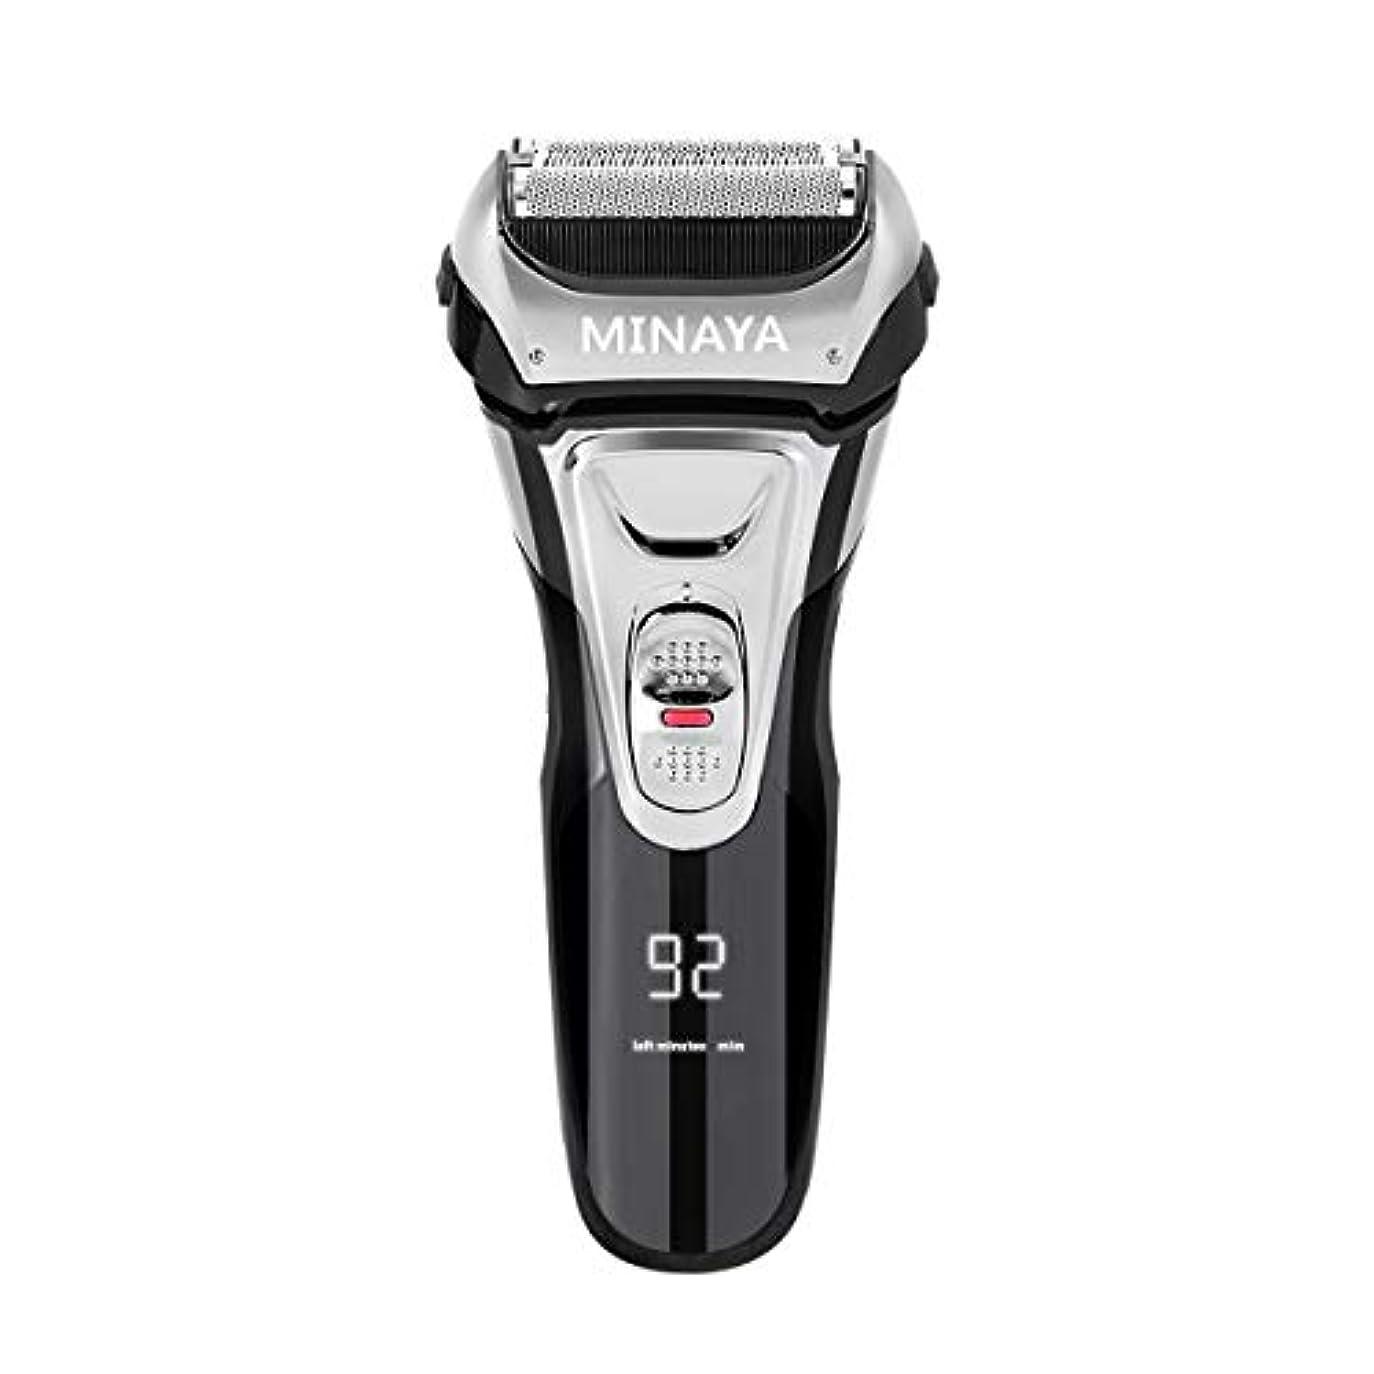 拒絶する膨らませるずるい電気シェーバー メンズ シェーバー 往復式 3枚刃 髭剃り 電動 カミソリ LEDディスプレイ USB充電式 IPX7防水 水洗い/お風呂剃り対応